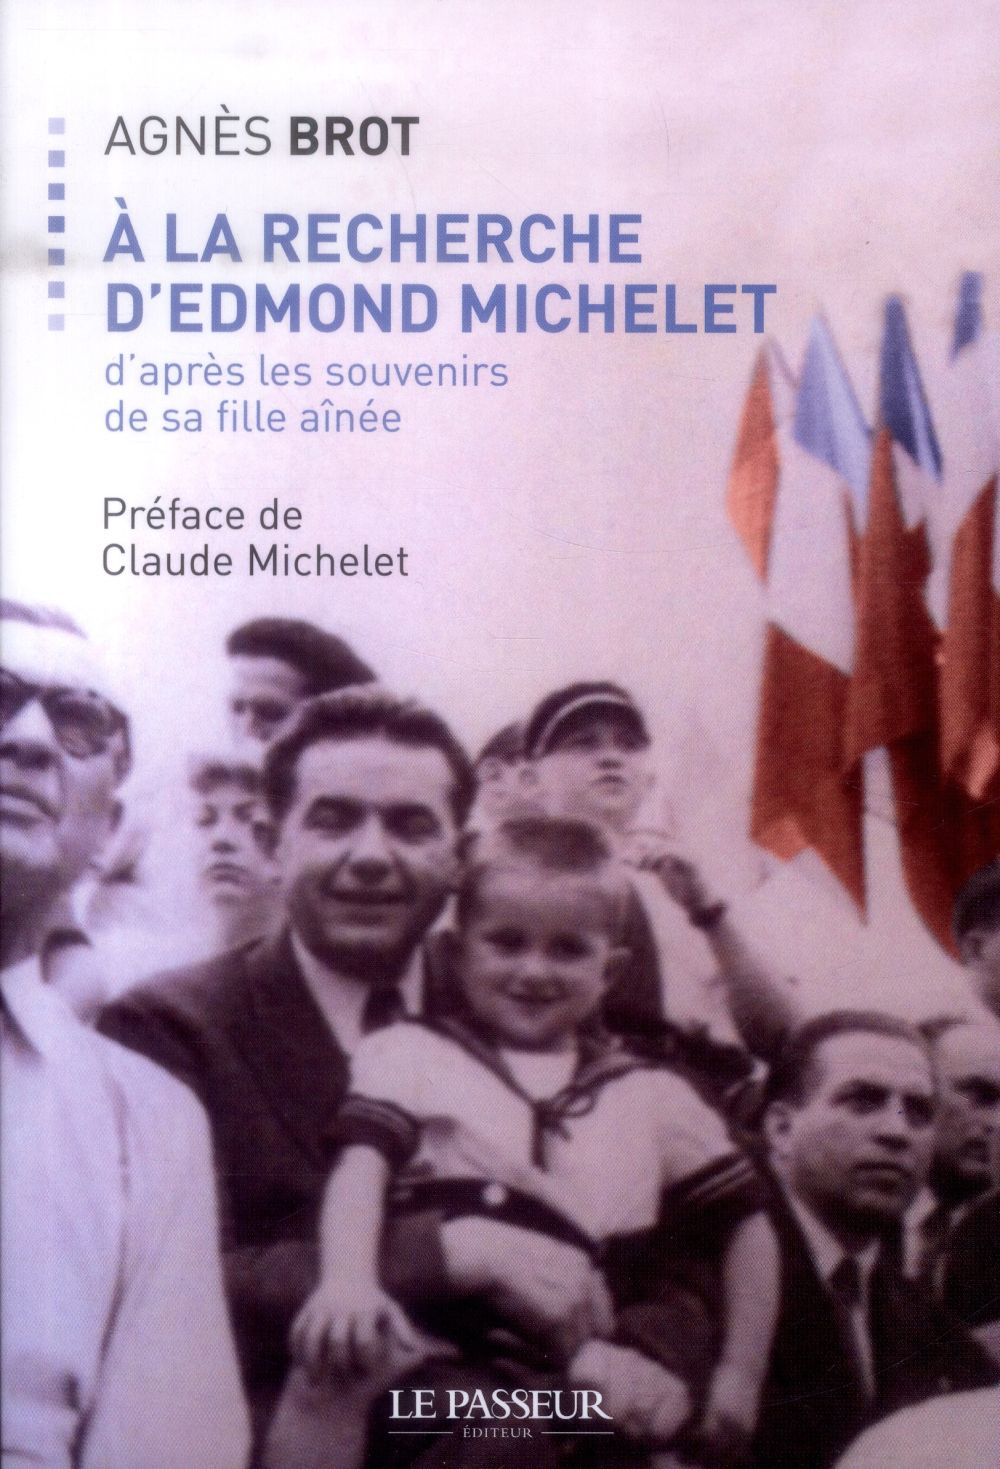 A LA RECHERCHE D'EDMOND MICHELET